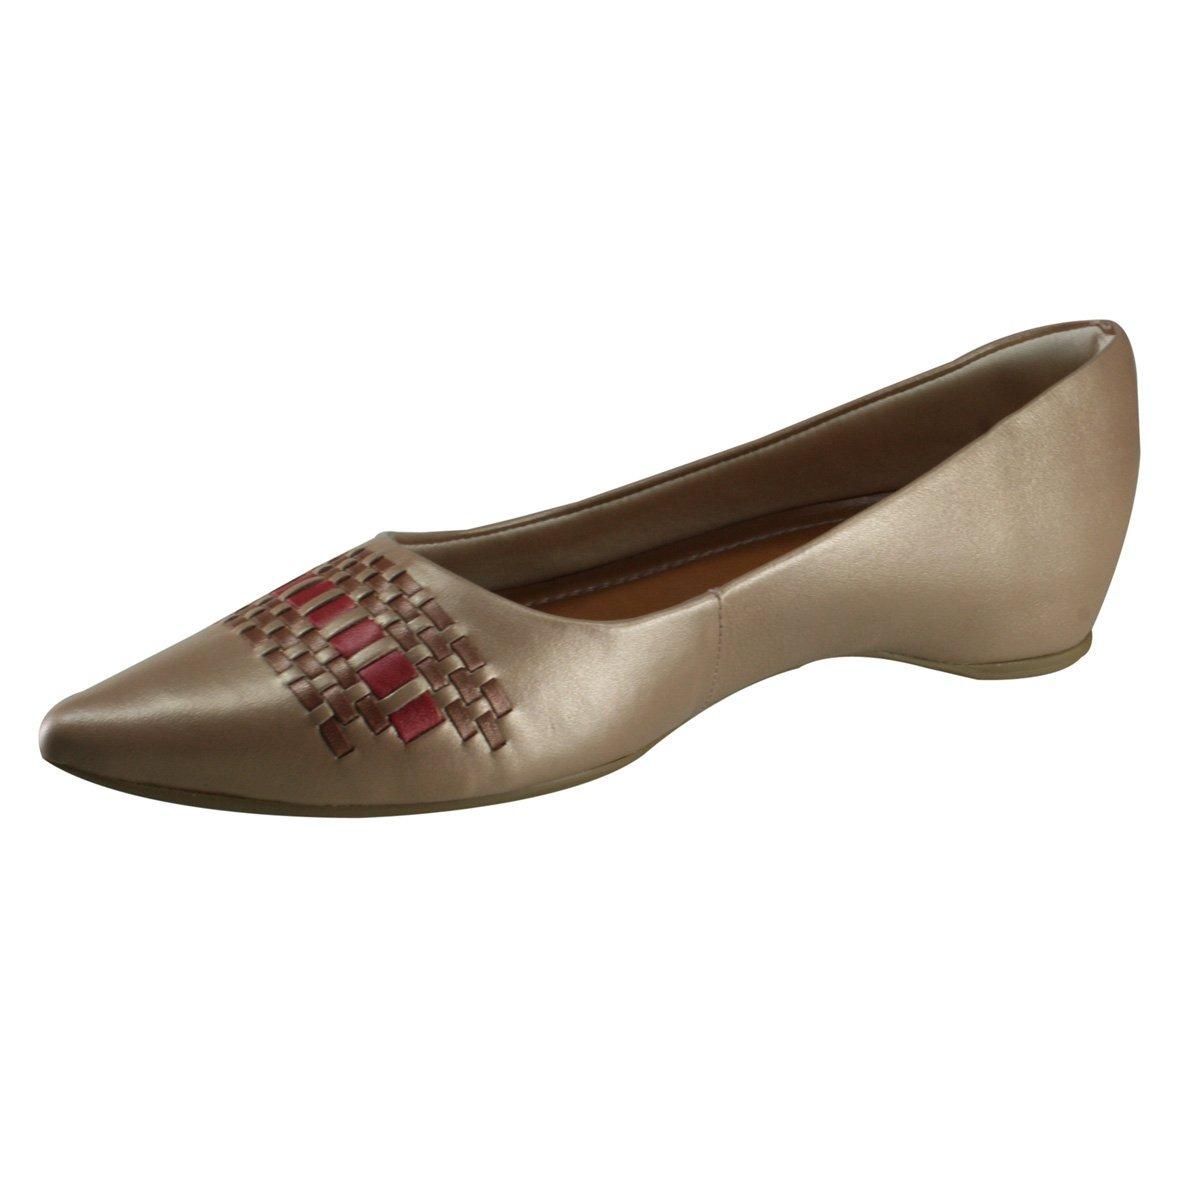 62cb52164 Sapato Feminino Usaflex R0536/50 | Katy Calçados - R$ 219,90 em ...